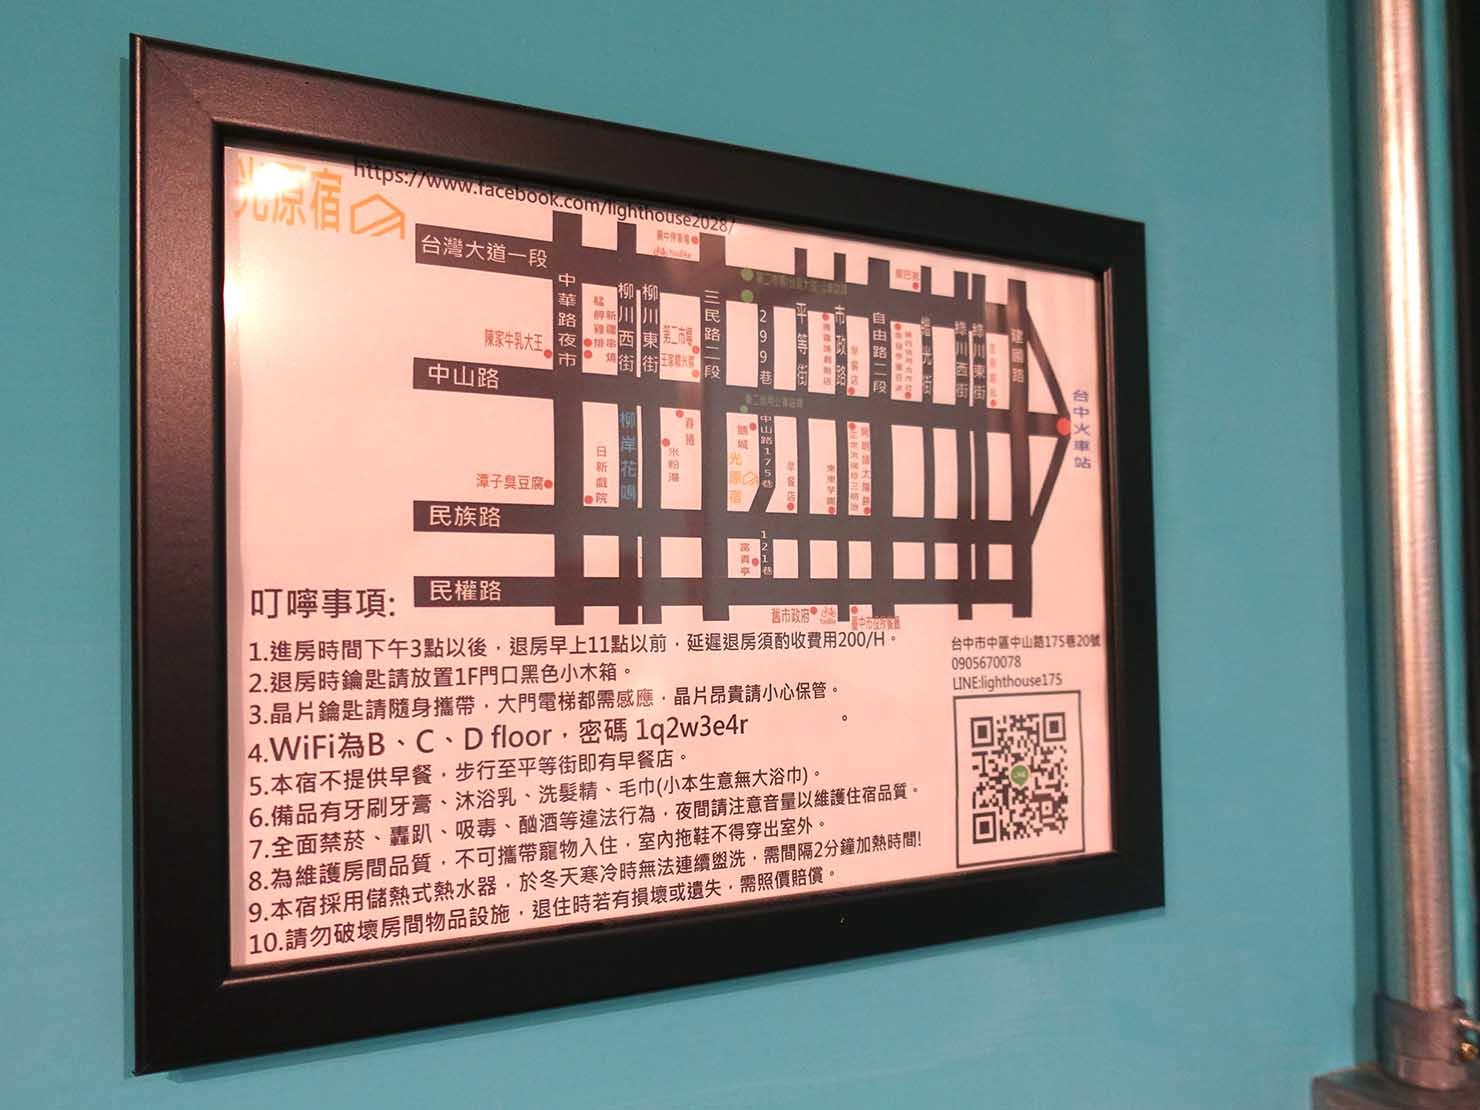 台中駅徒歩10分のリーズナブルなおすすめミニホテル「光原宿 Light House」周辺のおすすめスポット地図